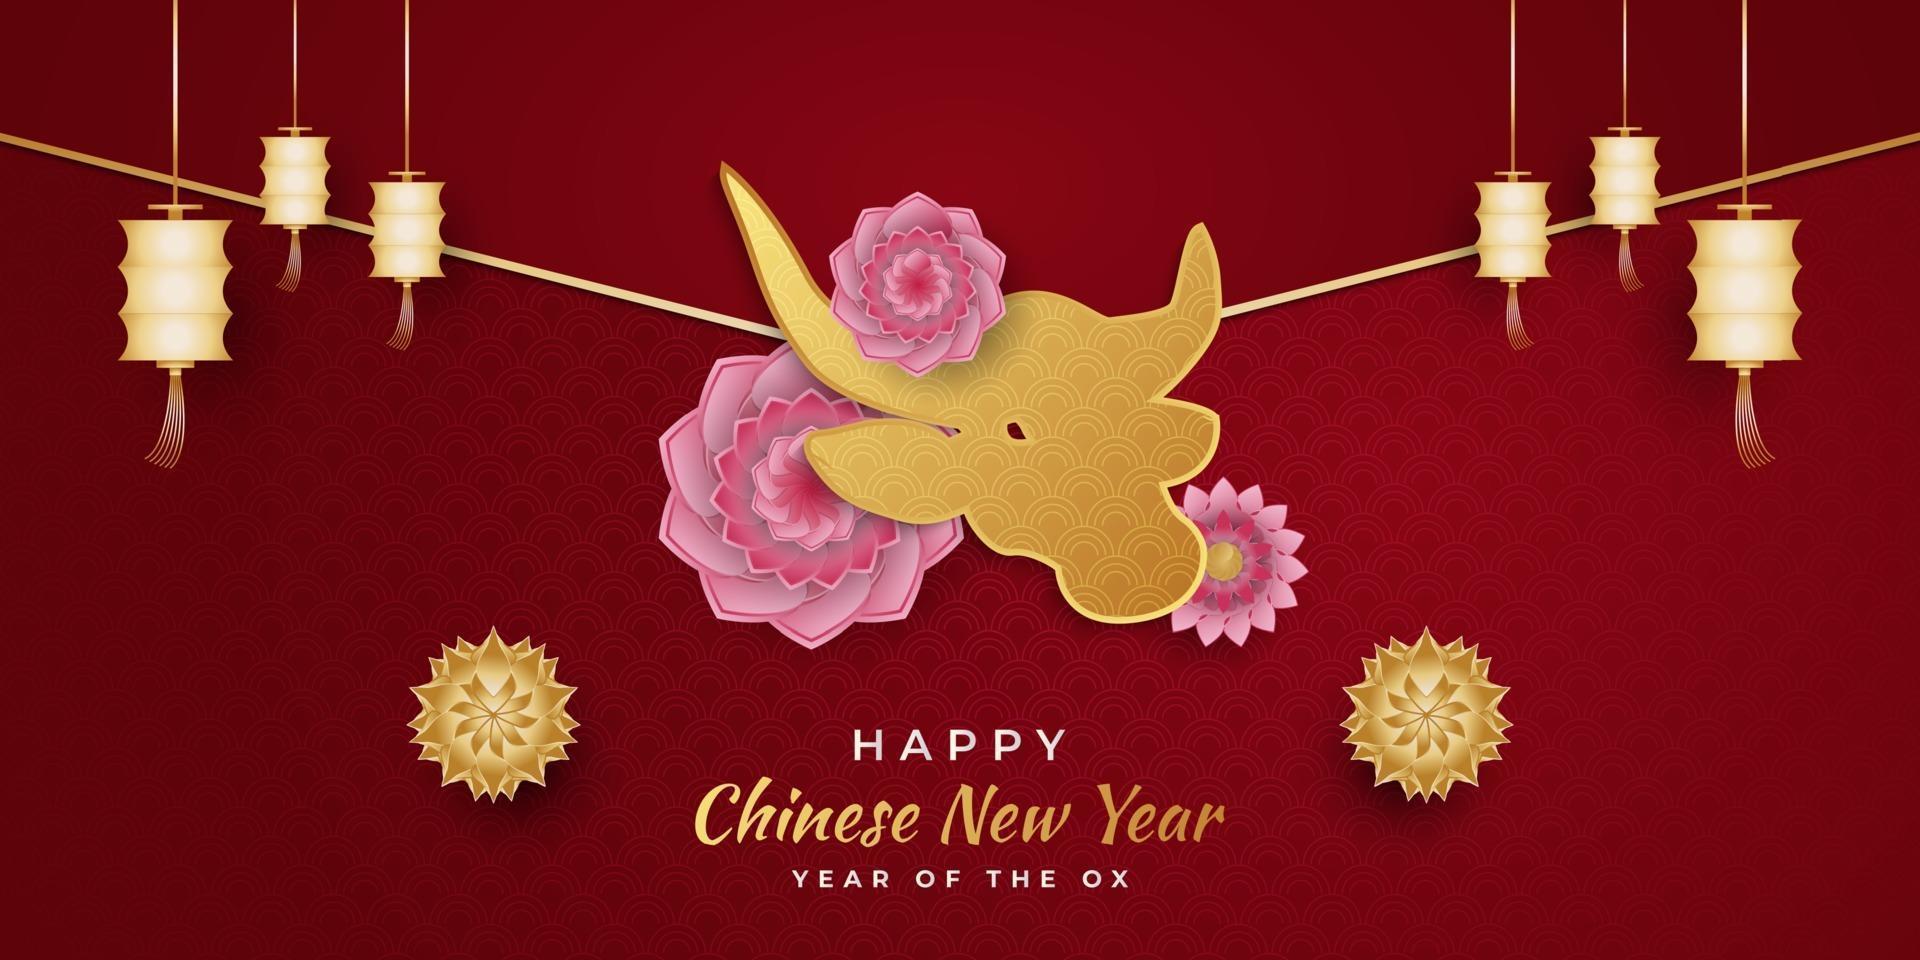 kinesiskt nyår 2021 år av oxen. lyckligt nyårsbanner med gyllene oxar och lyktor och färgglada blommor ornament på röd bakgrund vektor